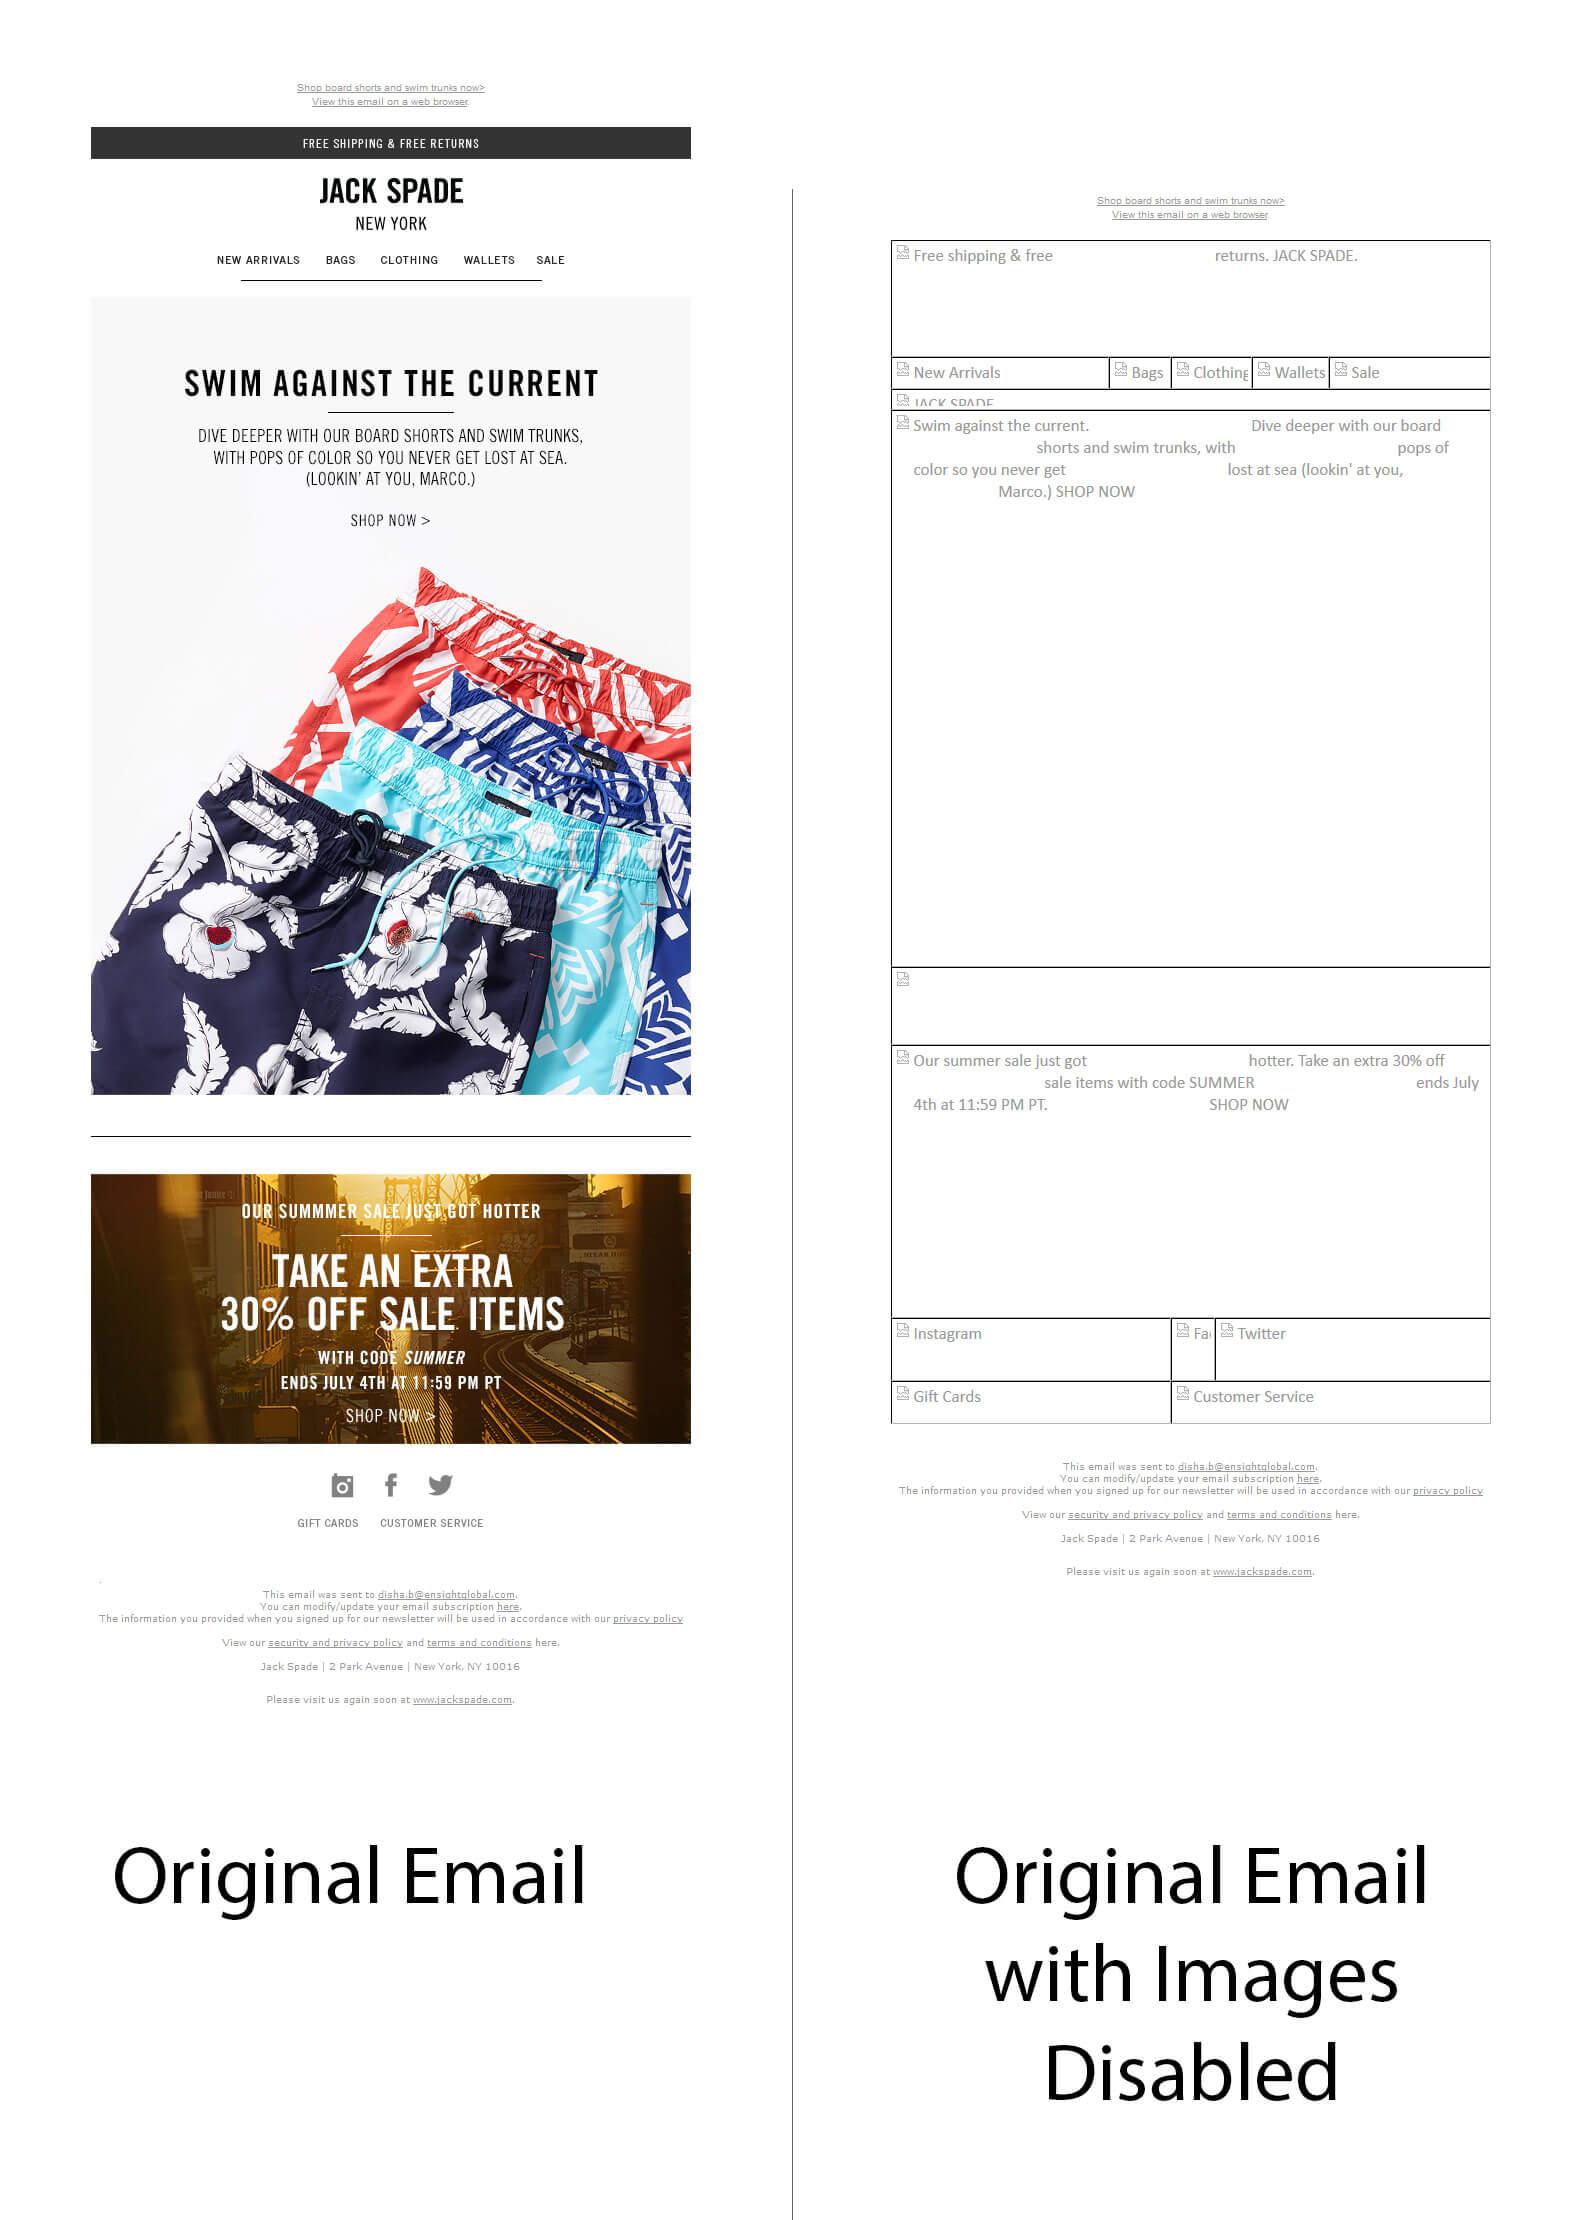 Jack-Spade-email